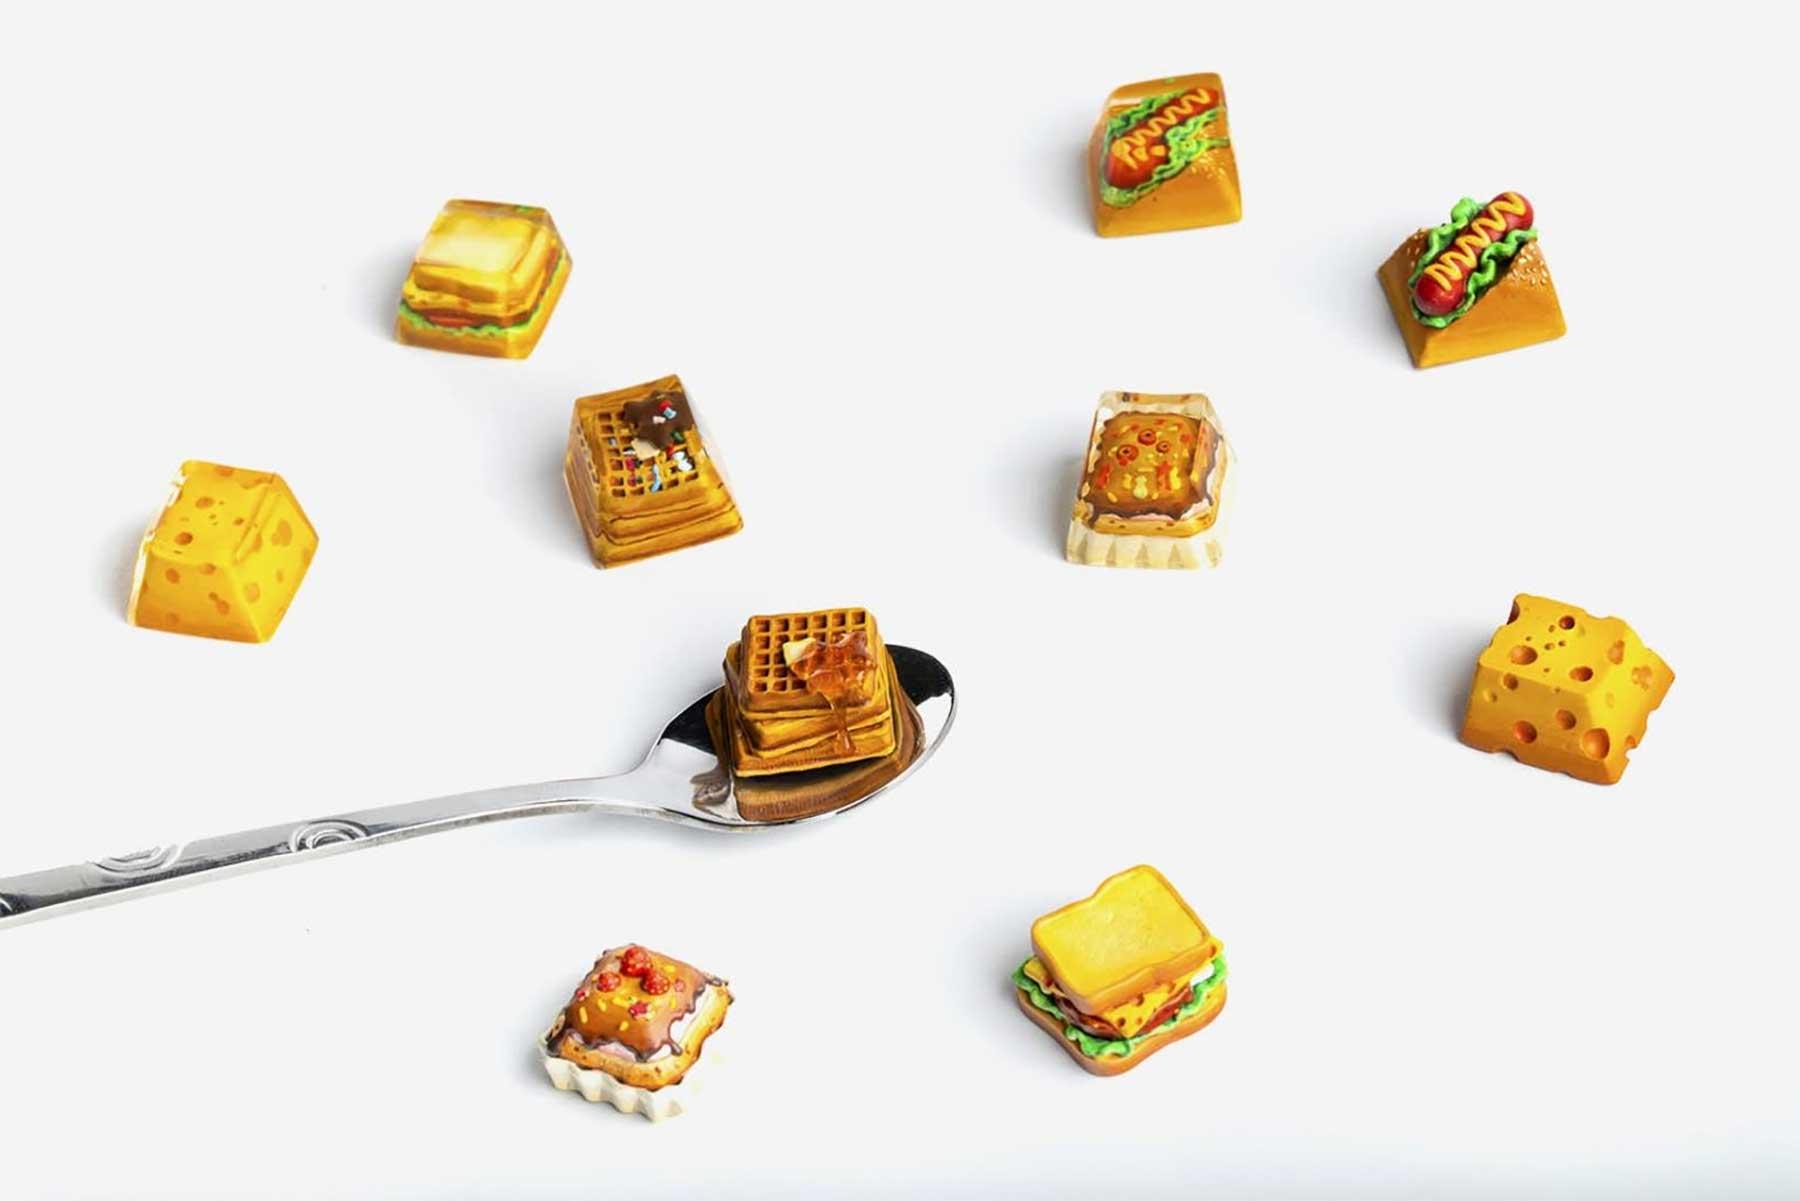 Essens-Tastatur-Tasten foodie-tastaturtasten-keycap_10